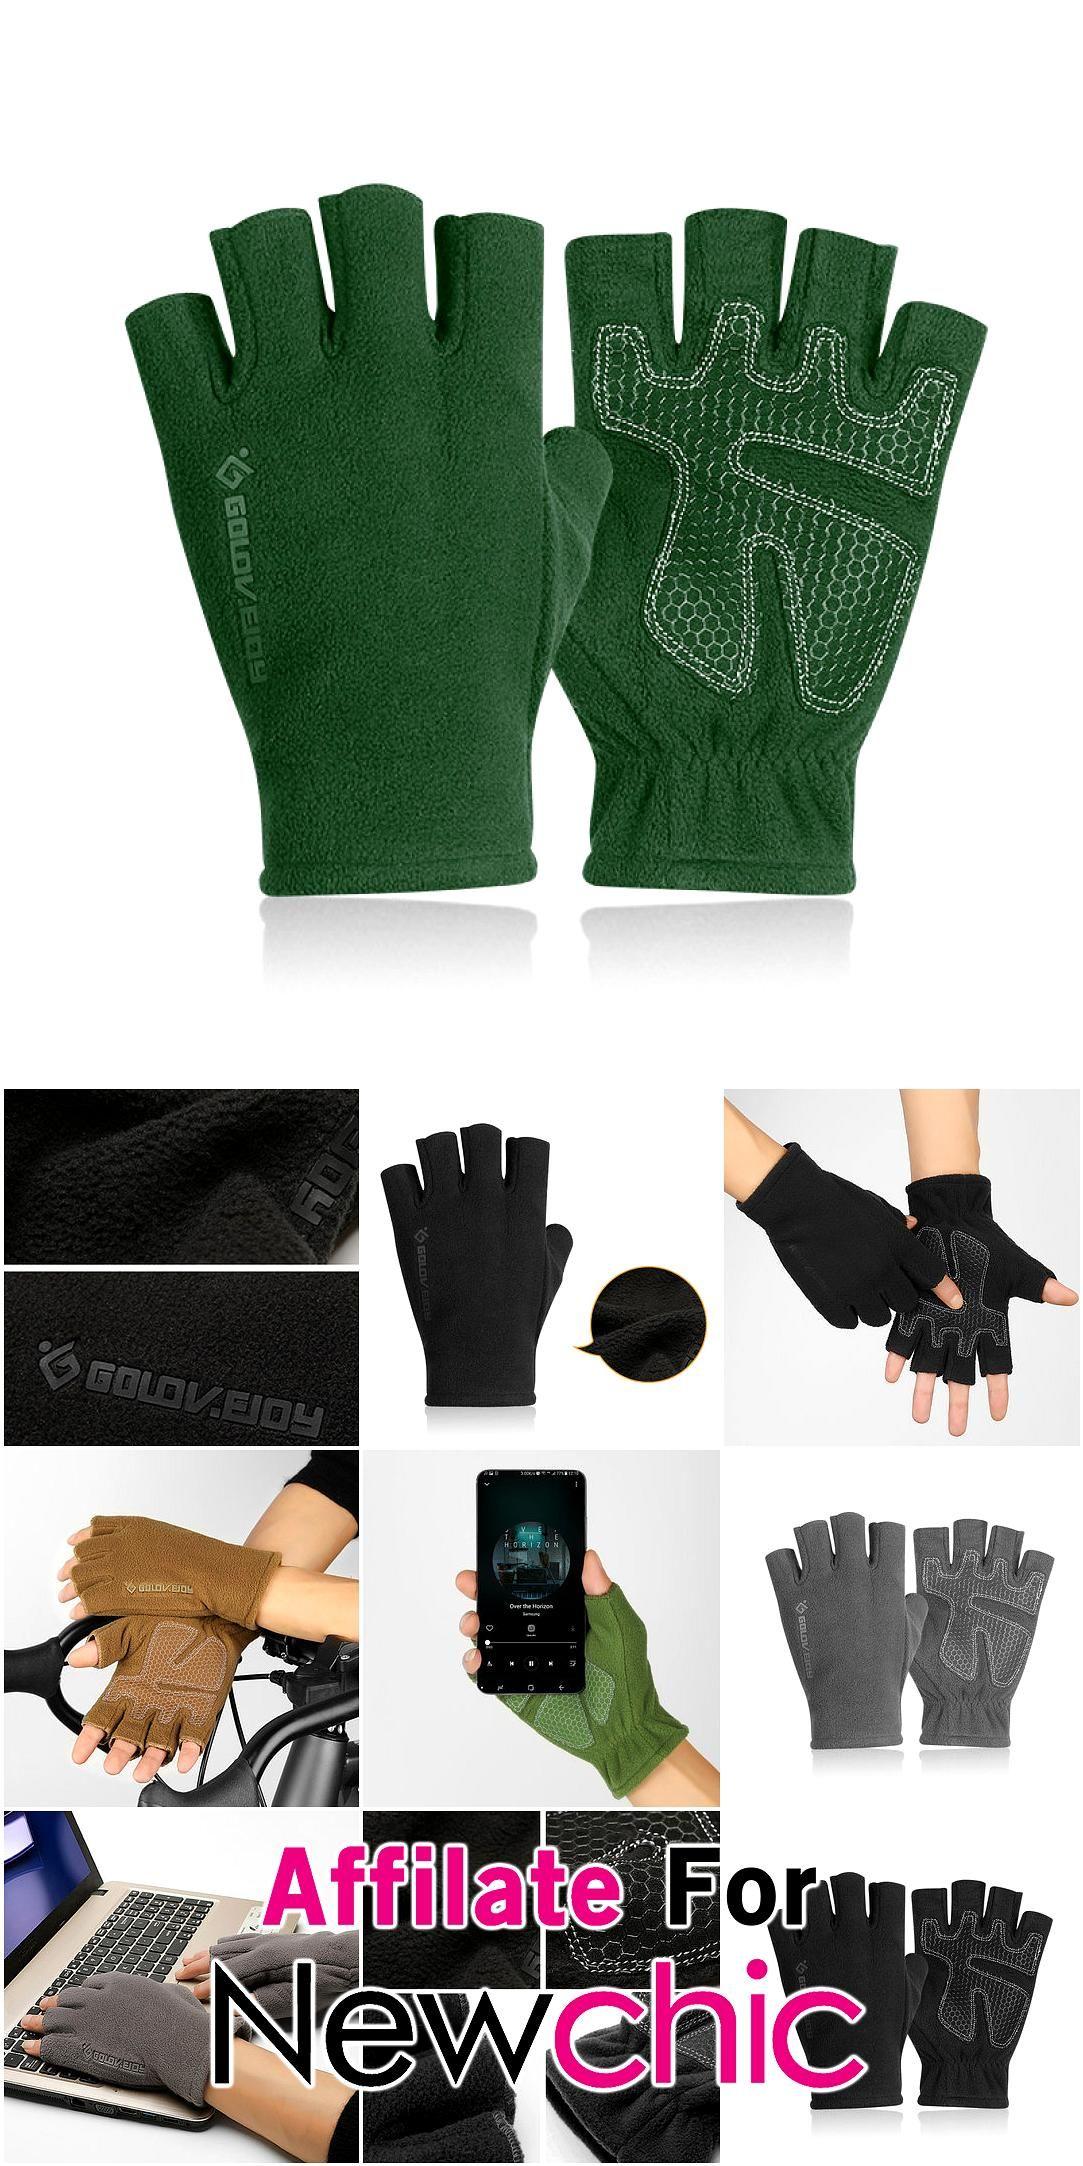 Men Winter Warm Nonslip Wear Resistant Convenient Gloves Outdoor Skiing Driving Halffinger Gloves Men Winter Warm Nonslip Wear Resistant Convenient Gloves Outdoor Skiing...